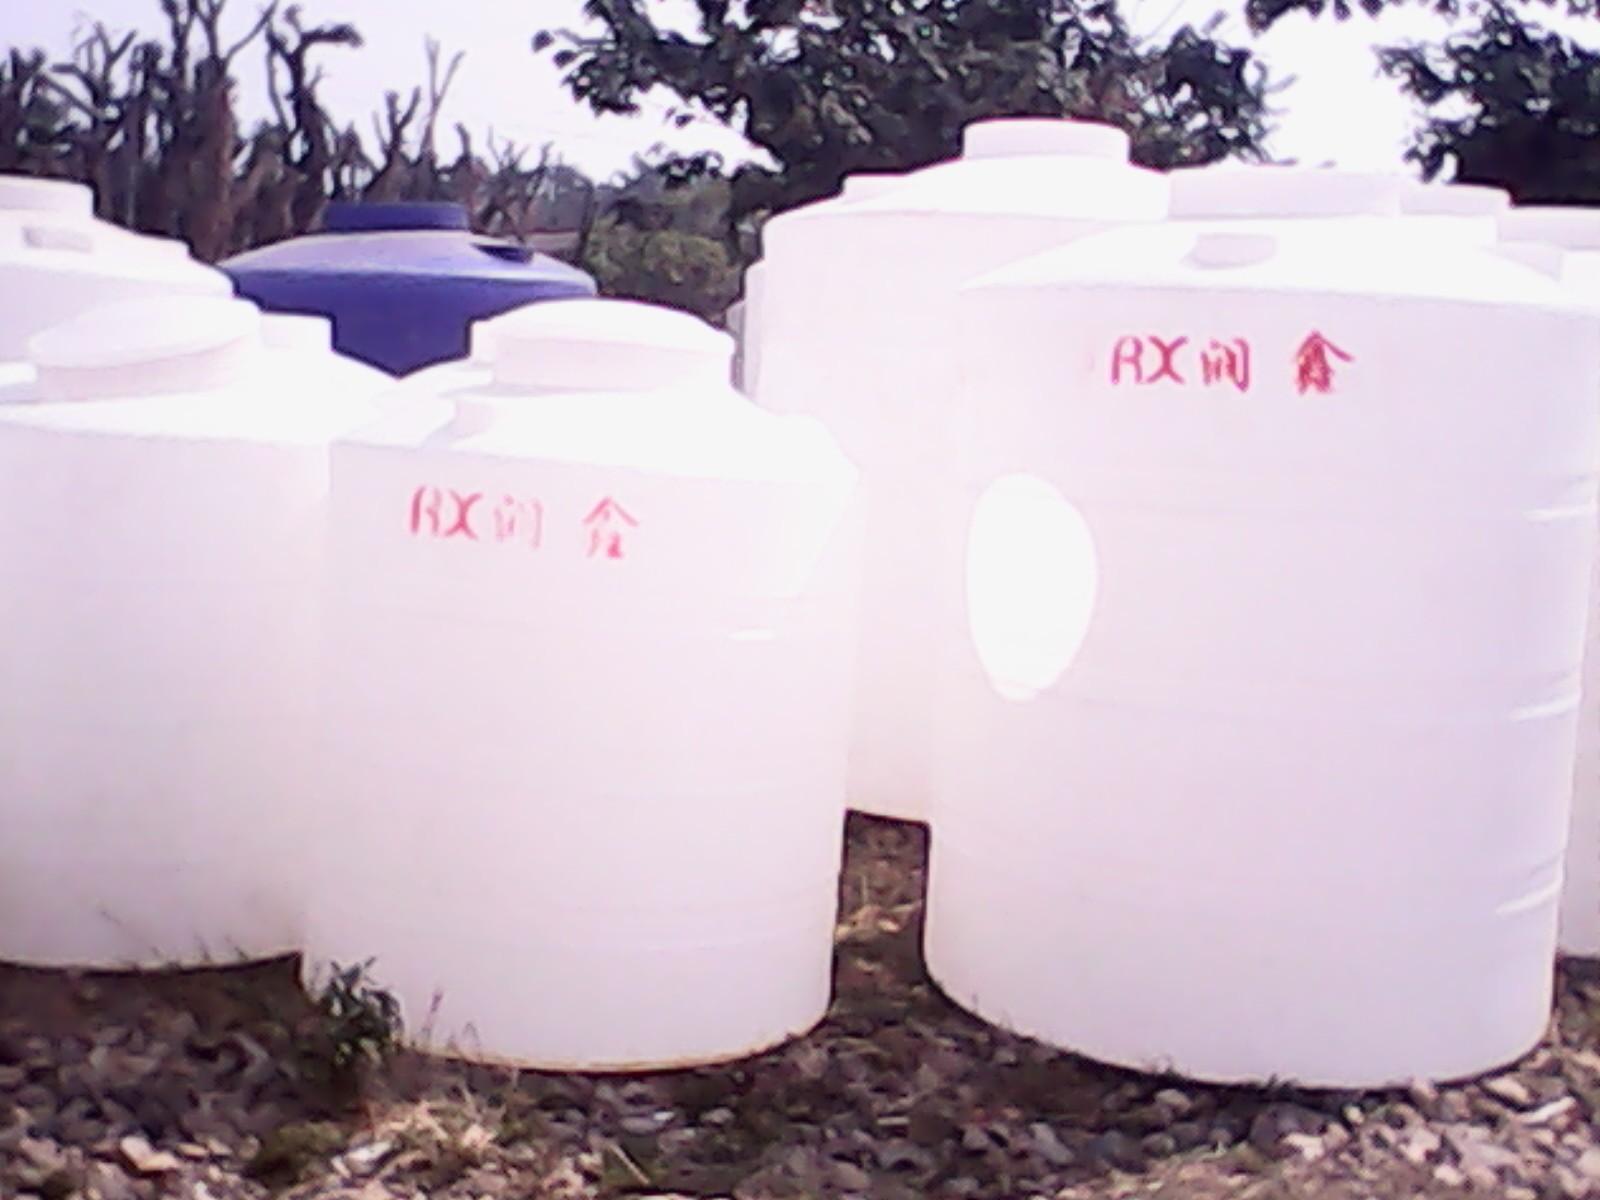 ;对应型号为:PT-300L,PT-500L,PT-1000L,PT-2000L,PT-3000L,PT-5000L,PT-8000L,PT-10000L,PT-20000L,PT-30000L,PT-40000L,PT-50000L等。产品采用进口聚乙烯原料和滚塑工艺一体成型,无毒、无味、无臭的乳白色颗粒,具有强度高,韧性好,钢性好,耐热,耐寒等优点,还具有良好的耐环境应力开裂、耐撕裂强度等特性,并可耐酸、碱、盐,有机溶剂等,还具有防老化,耐腐蚀,防紫外线照射,外形流线美观不易脏污,桶内不长青苔,可轻易